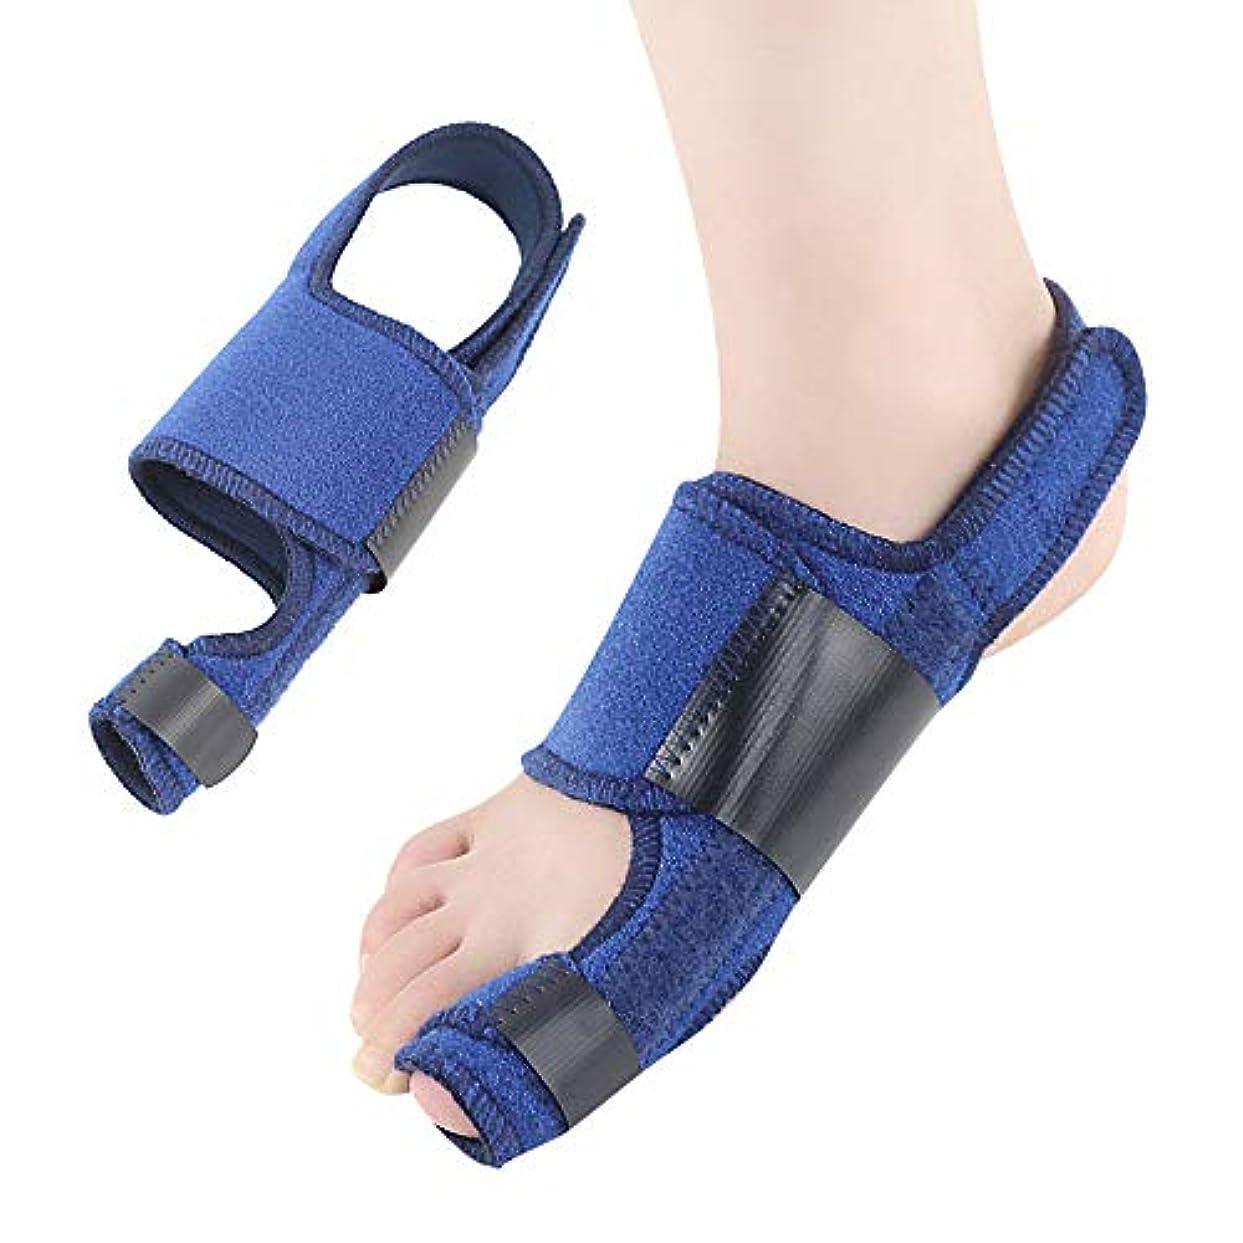 不忠豊富オフェンス外反母趾足指セパレーターは足指重複嚢胞通気性吸収汗ワンサイズを防止し、ヨガ後の痛みと変形を軽減